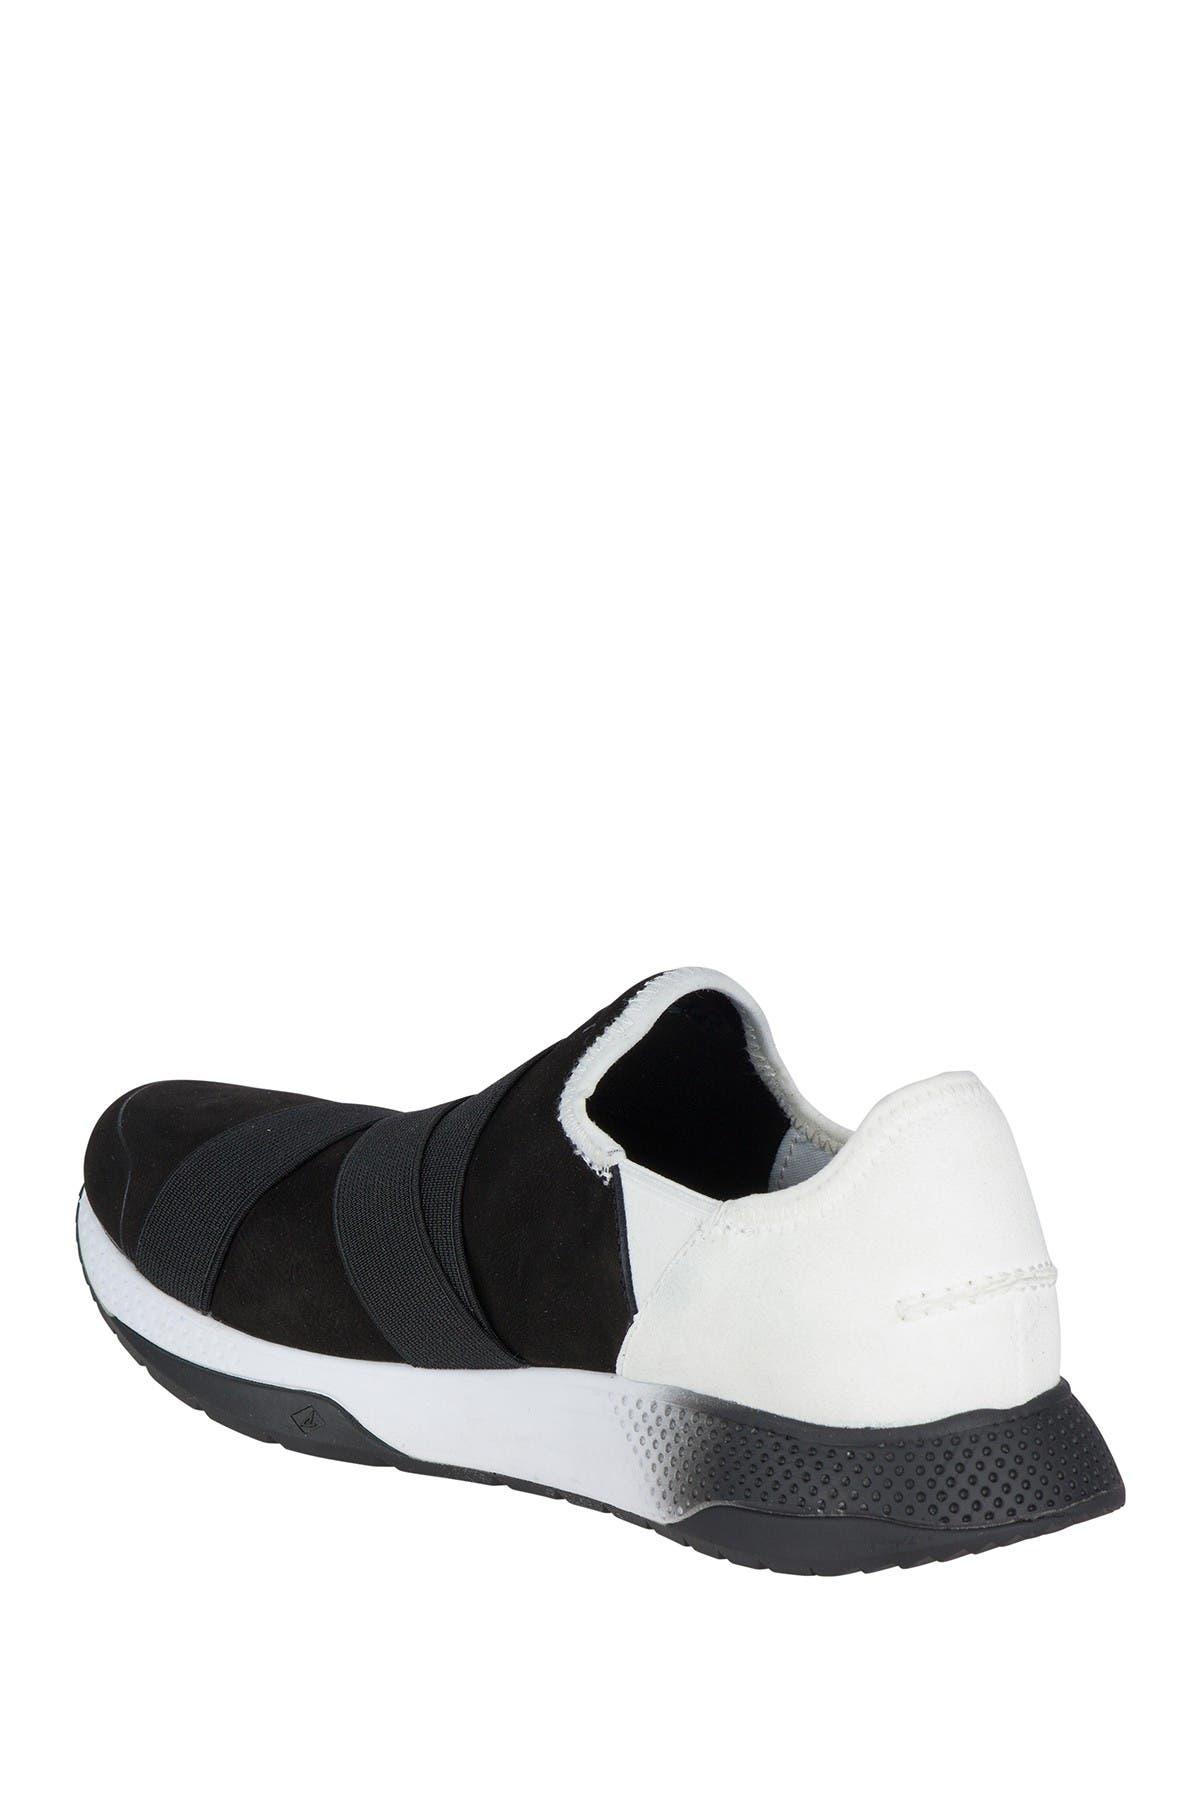 Image of Sperry 7 Seas Trysail Sneaker